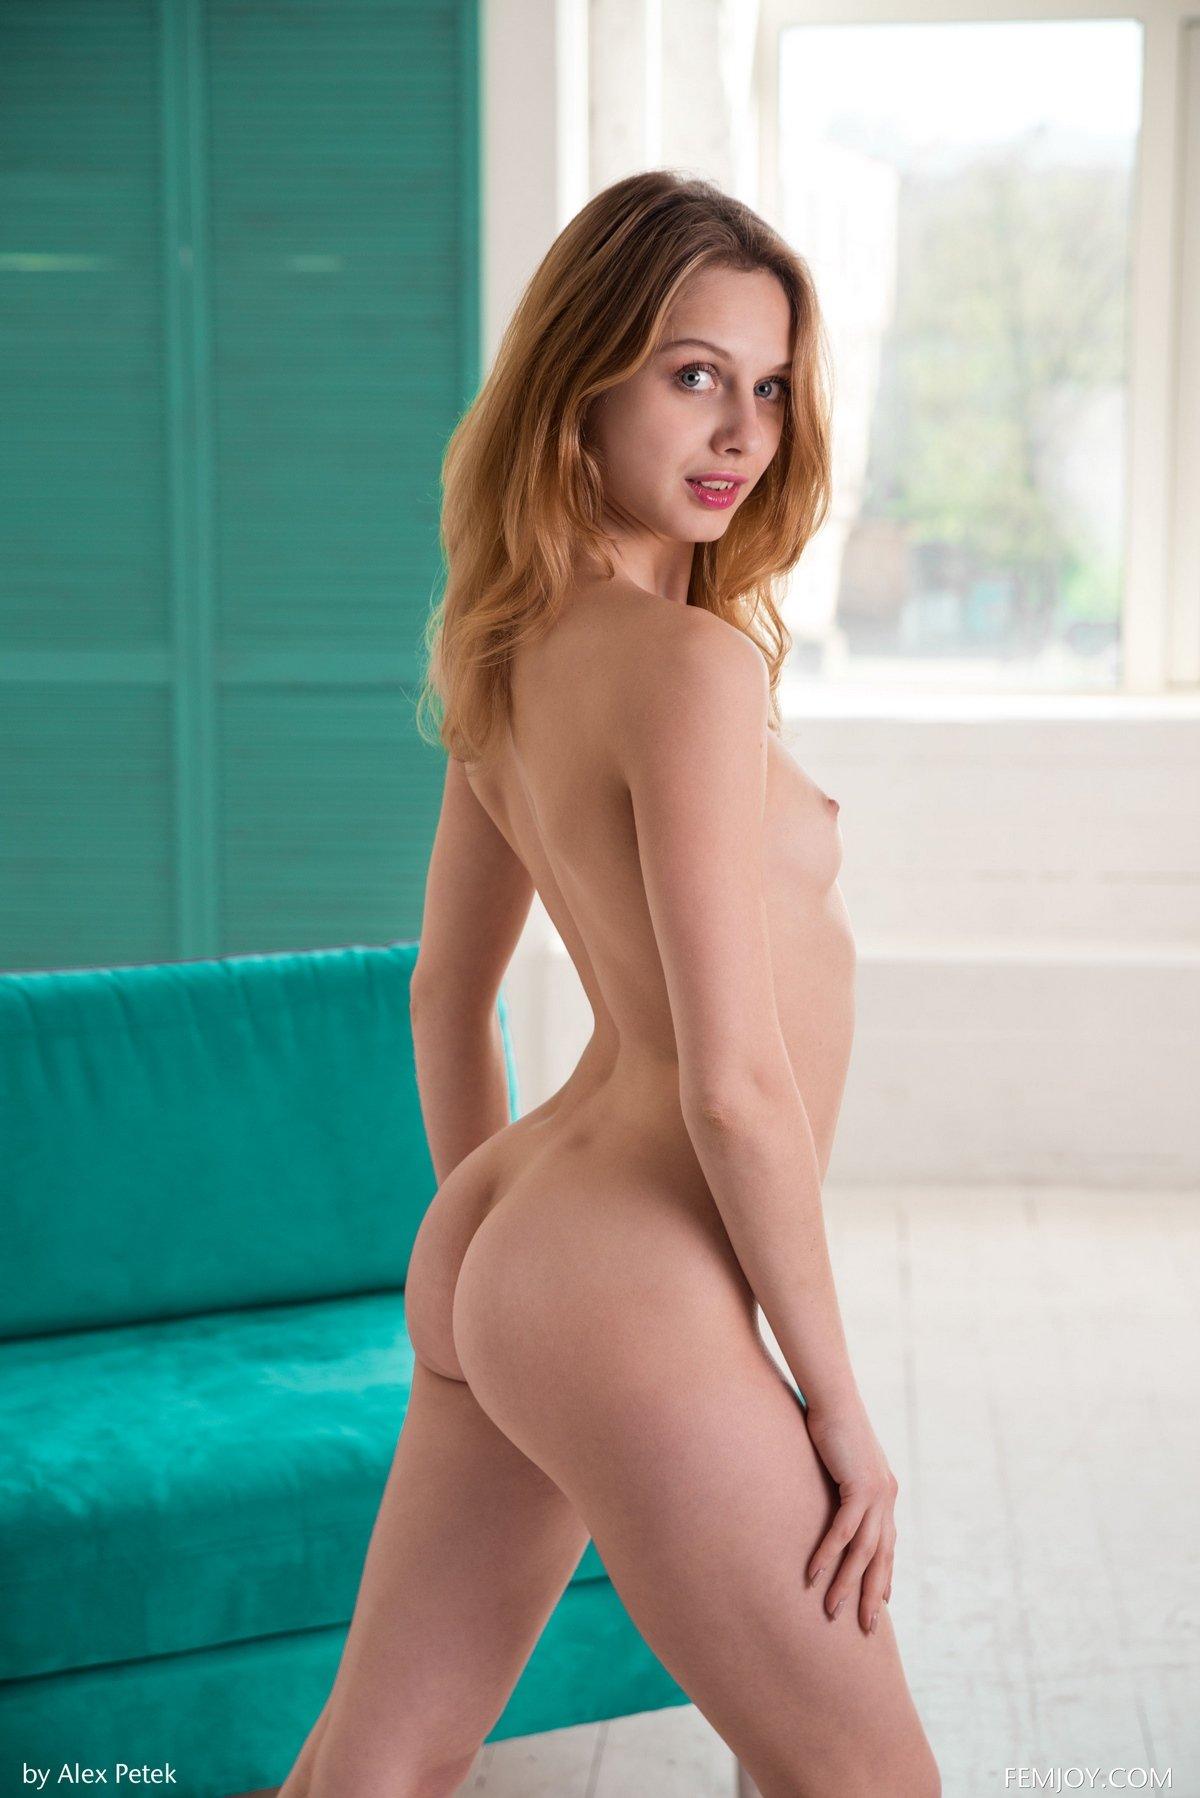 Горячие фото худенькой блондинки с небольшими дойками смотреть эротику